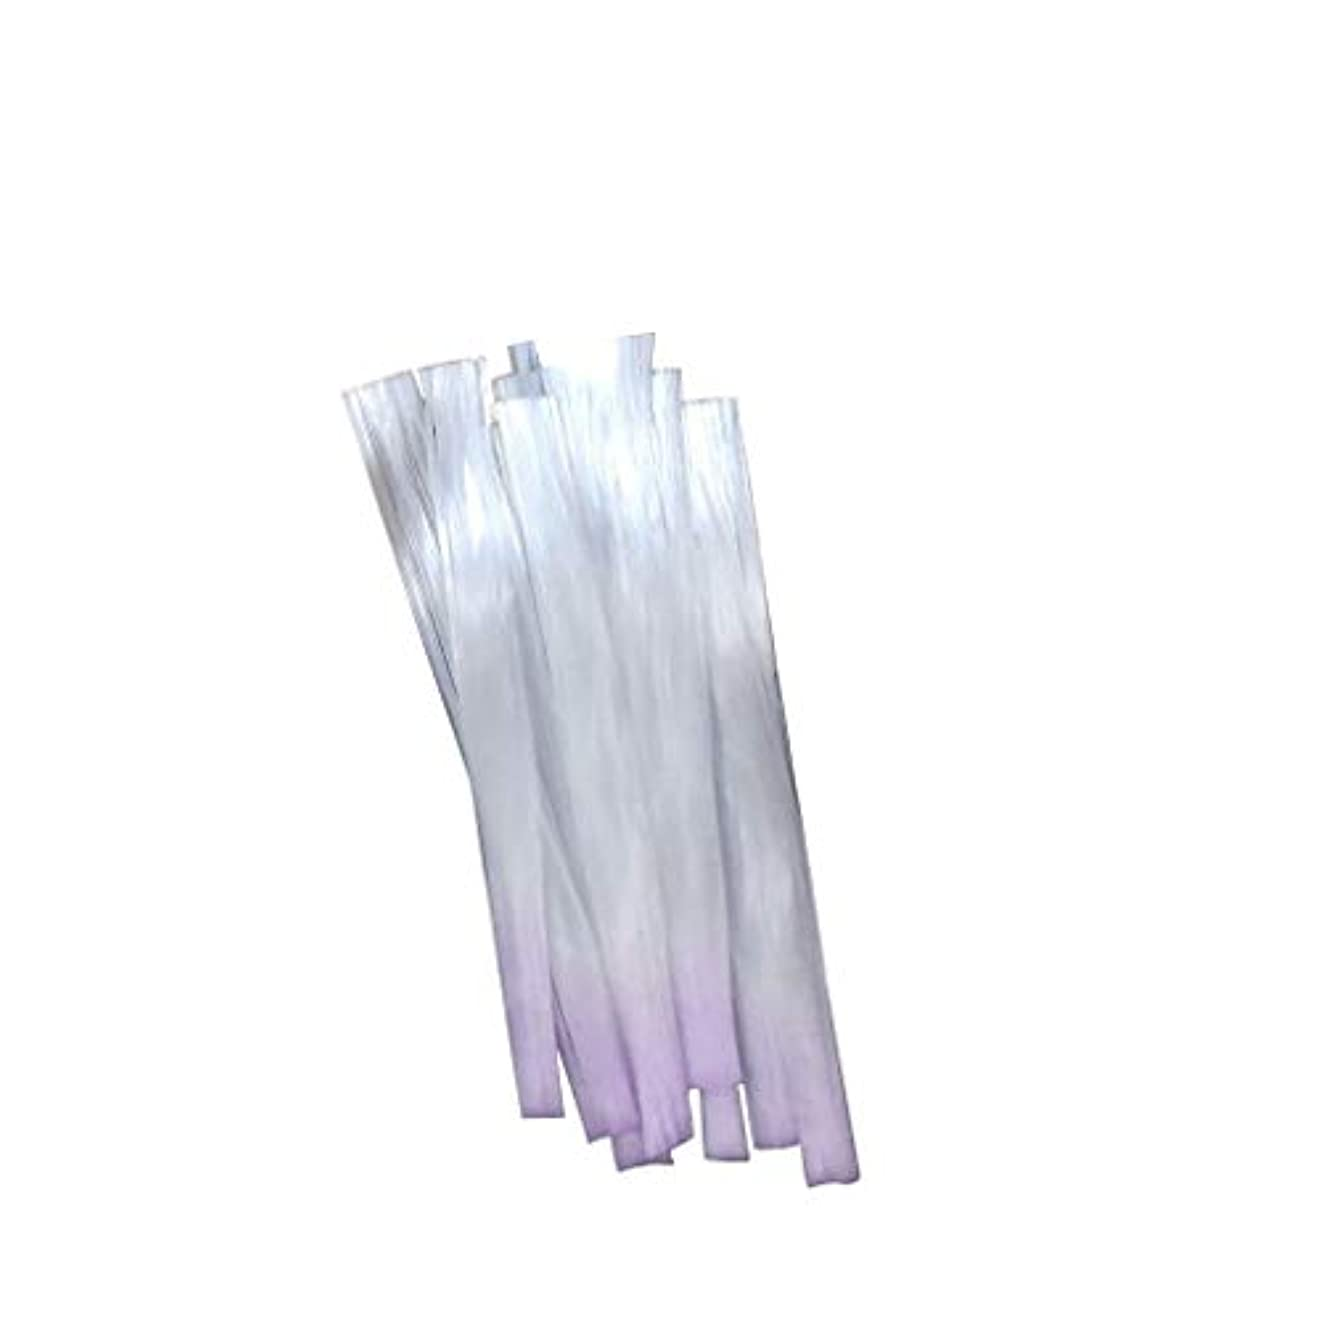 観察する気がついて教科書ジェルネイル グリッター ポリッシュ カラーセット グラスファイバー ネイルサロン ファイバーグラスネイル フォーエクステンション シャオメイスター